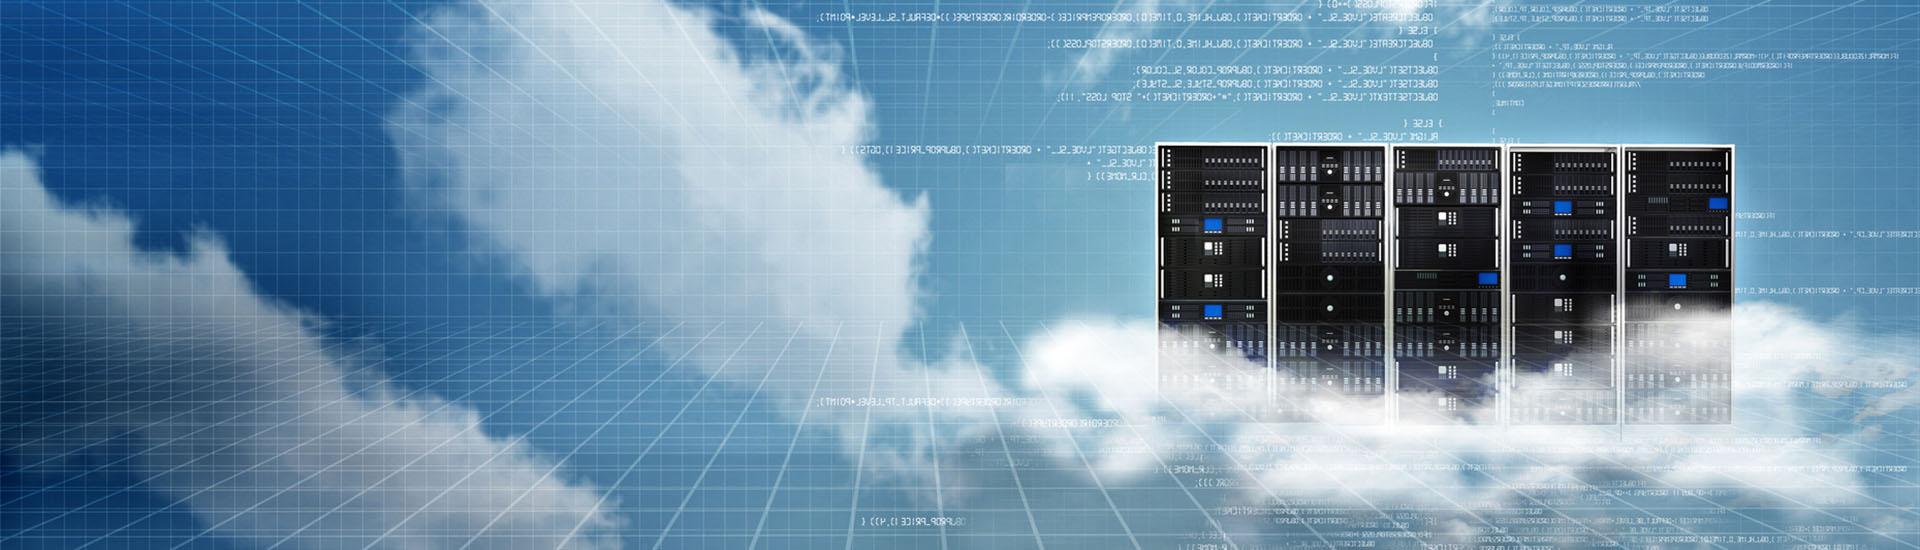 Cloud offers in Dallas